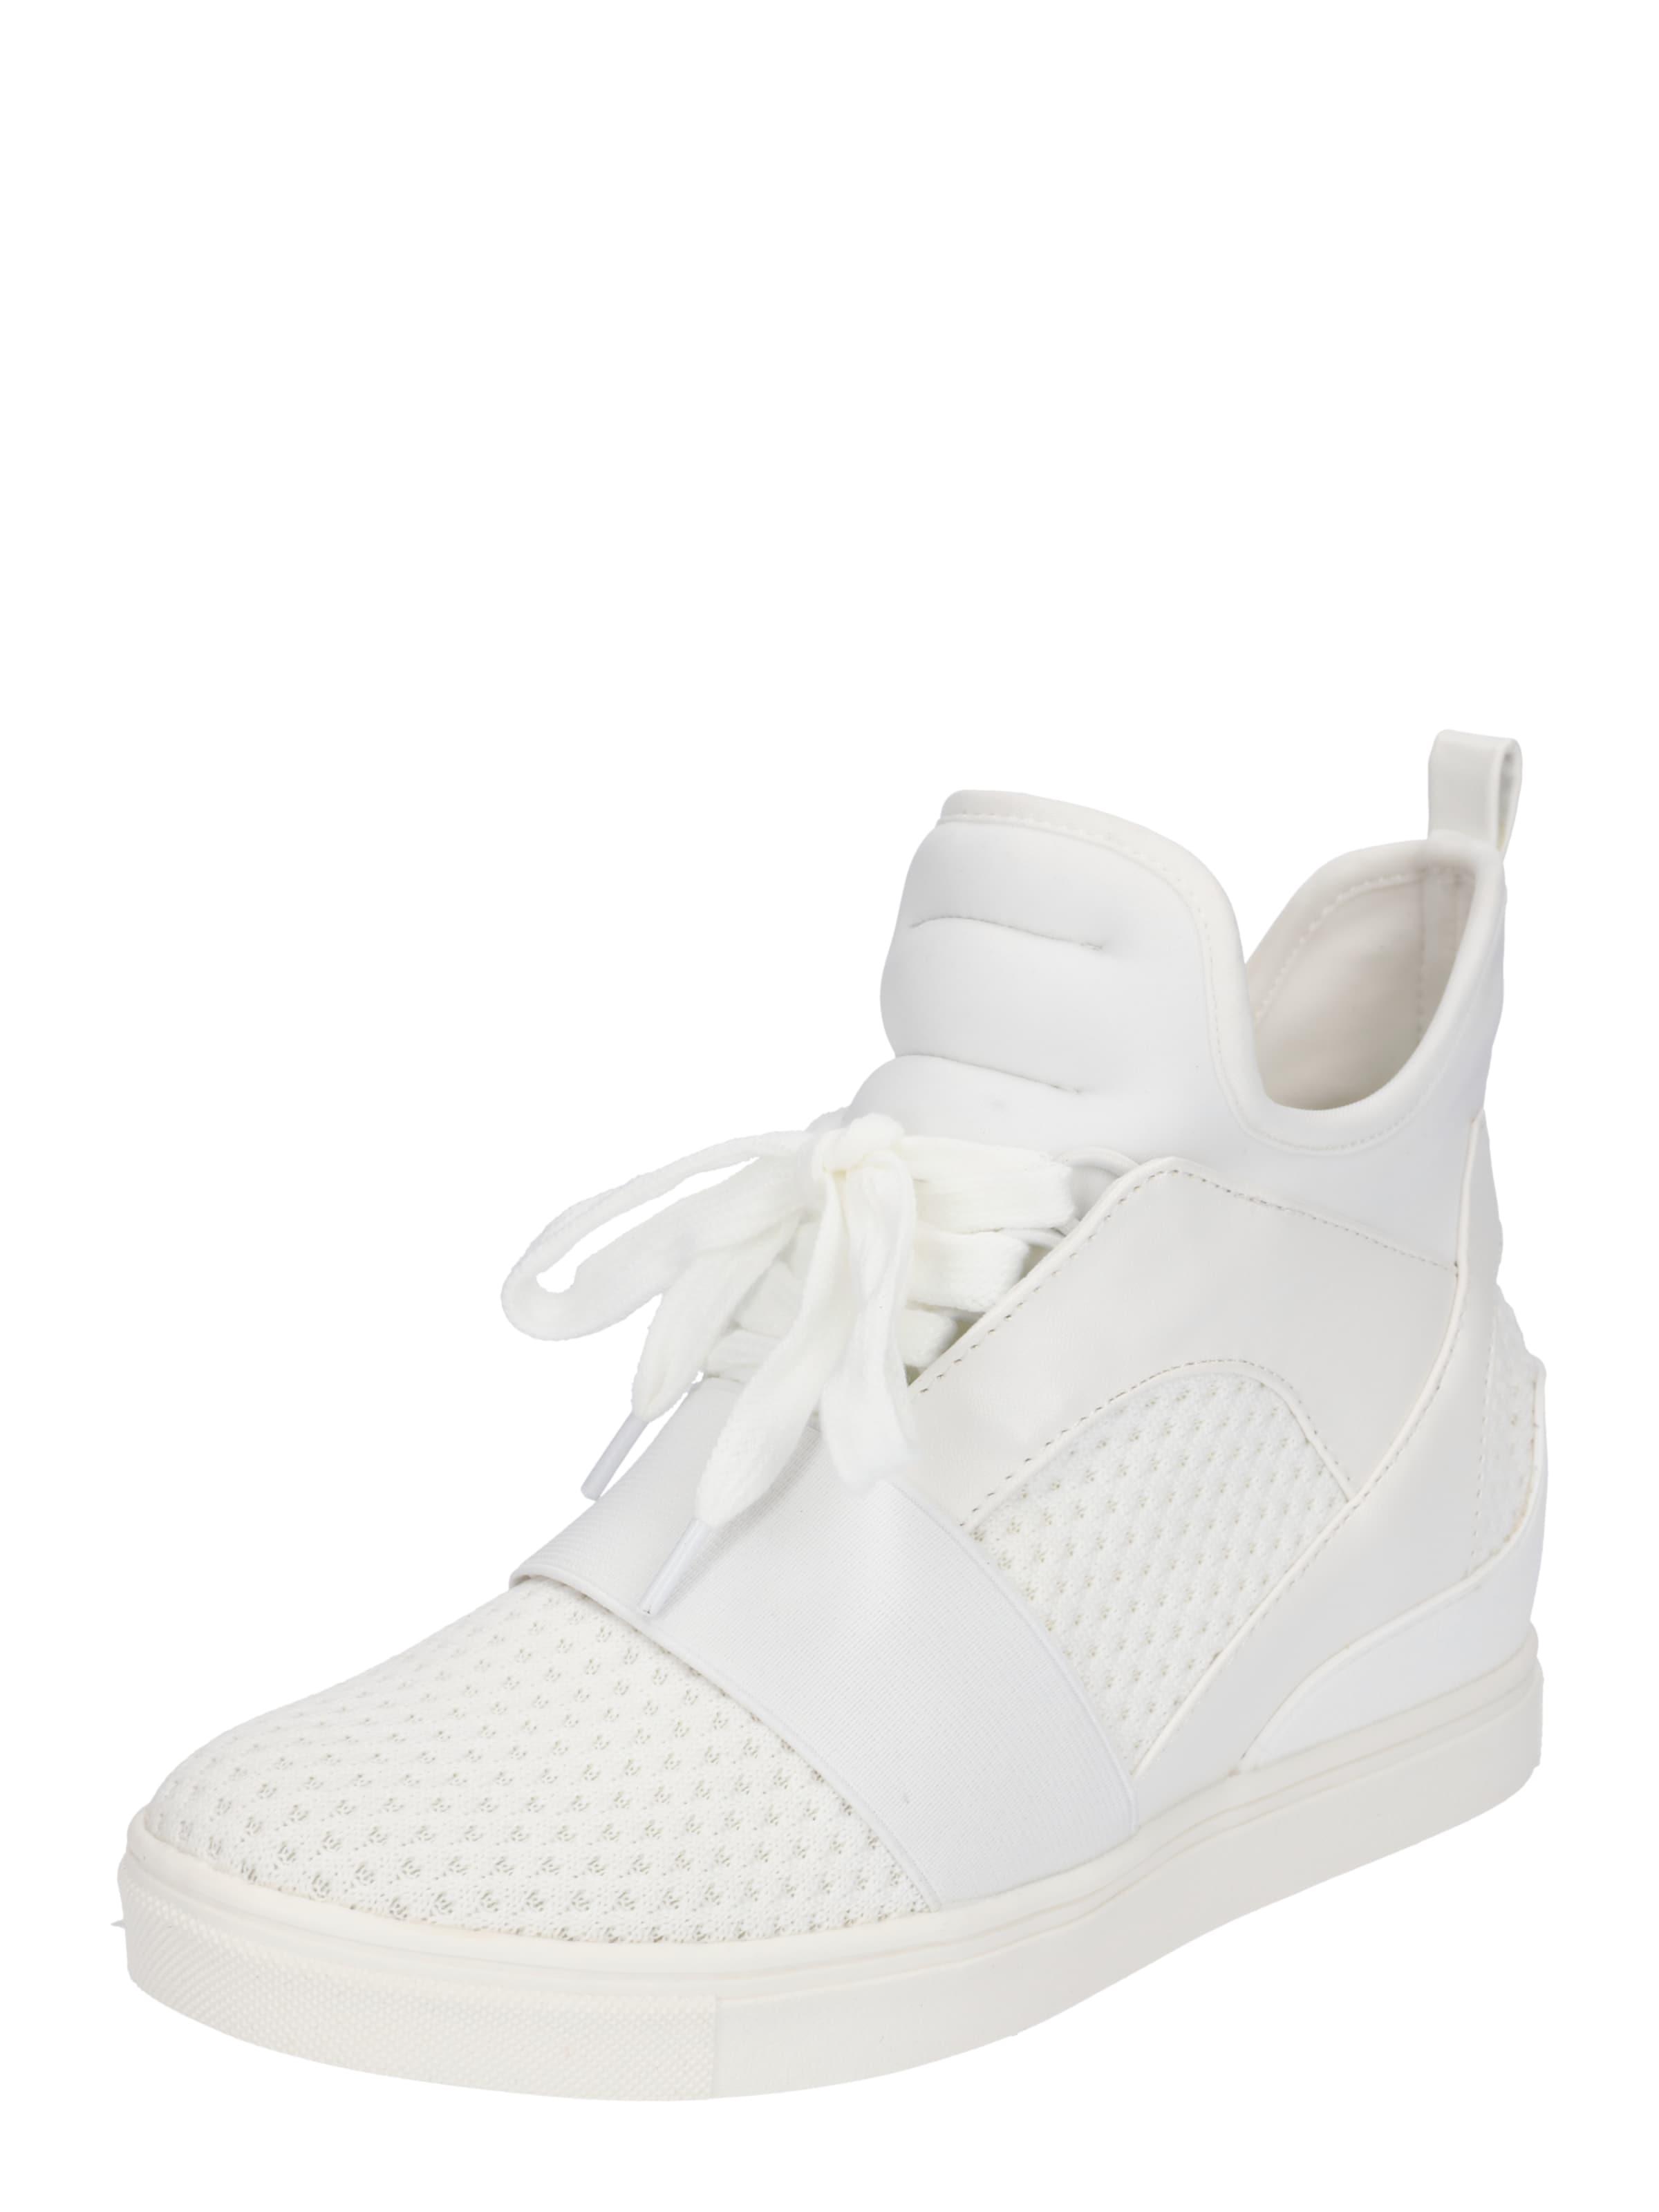 STEVE MADDEN Sneaker  LEXI